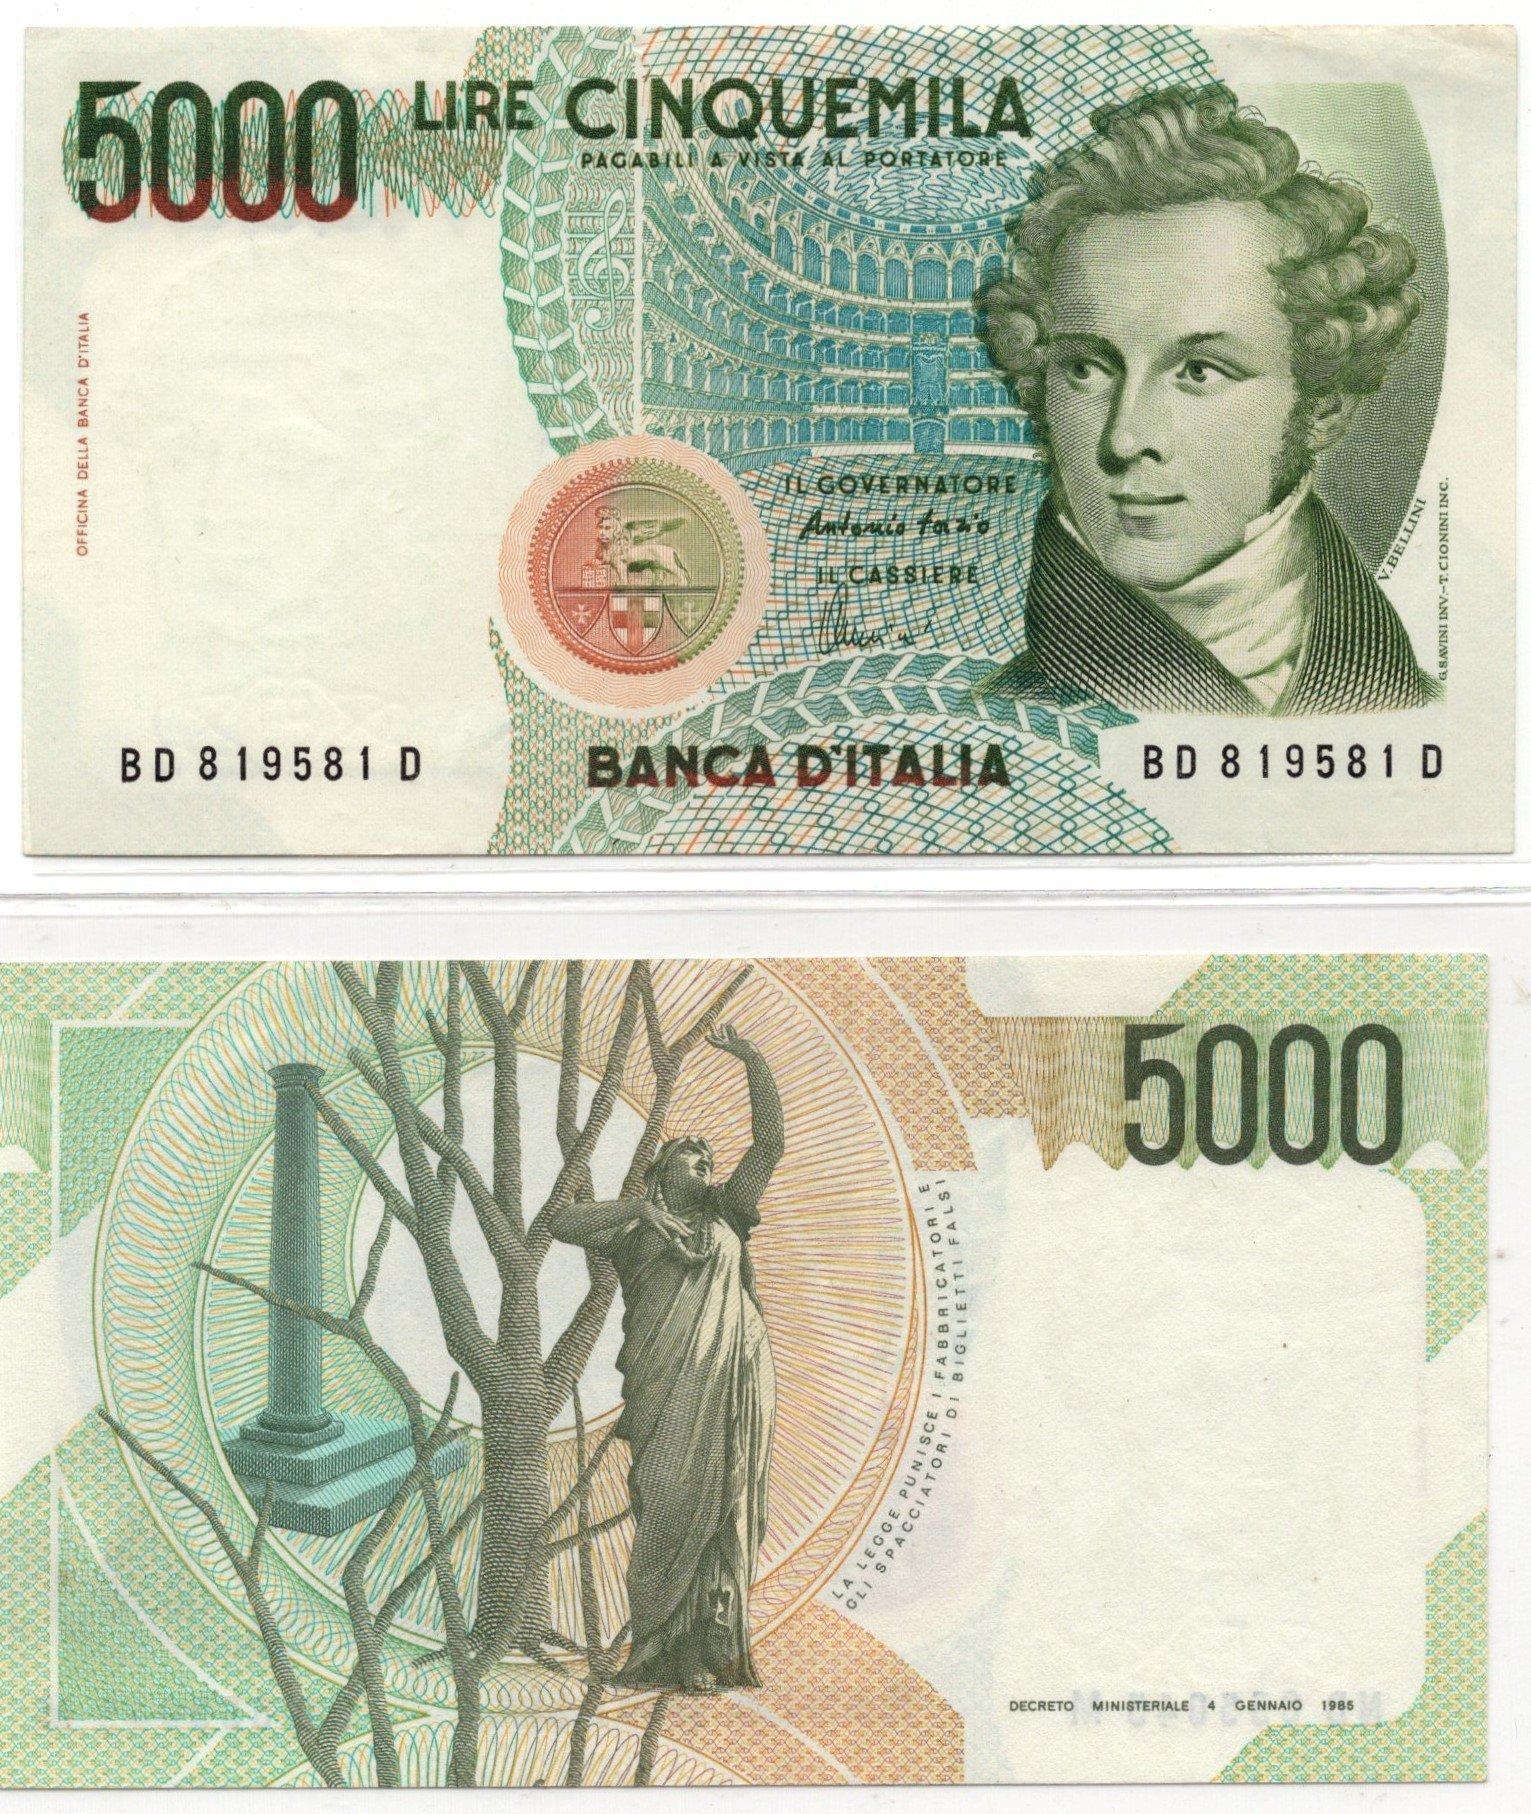 Italy 5000 lire 1985